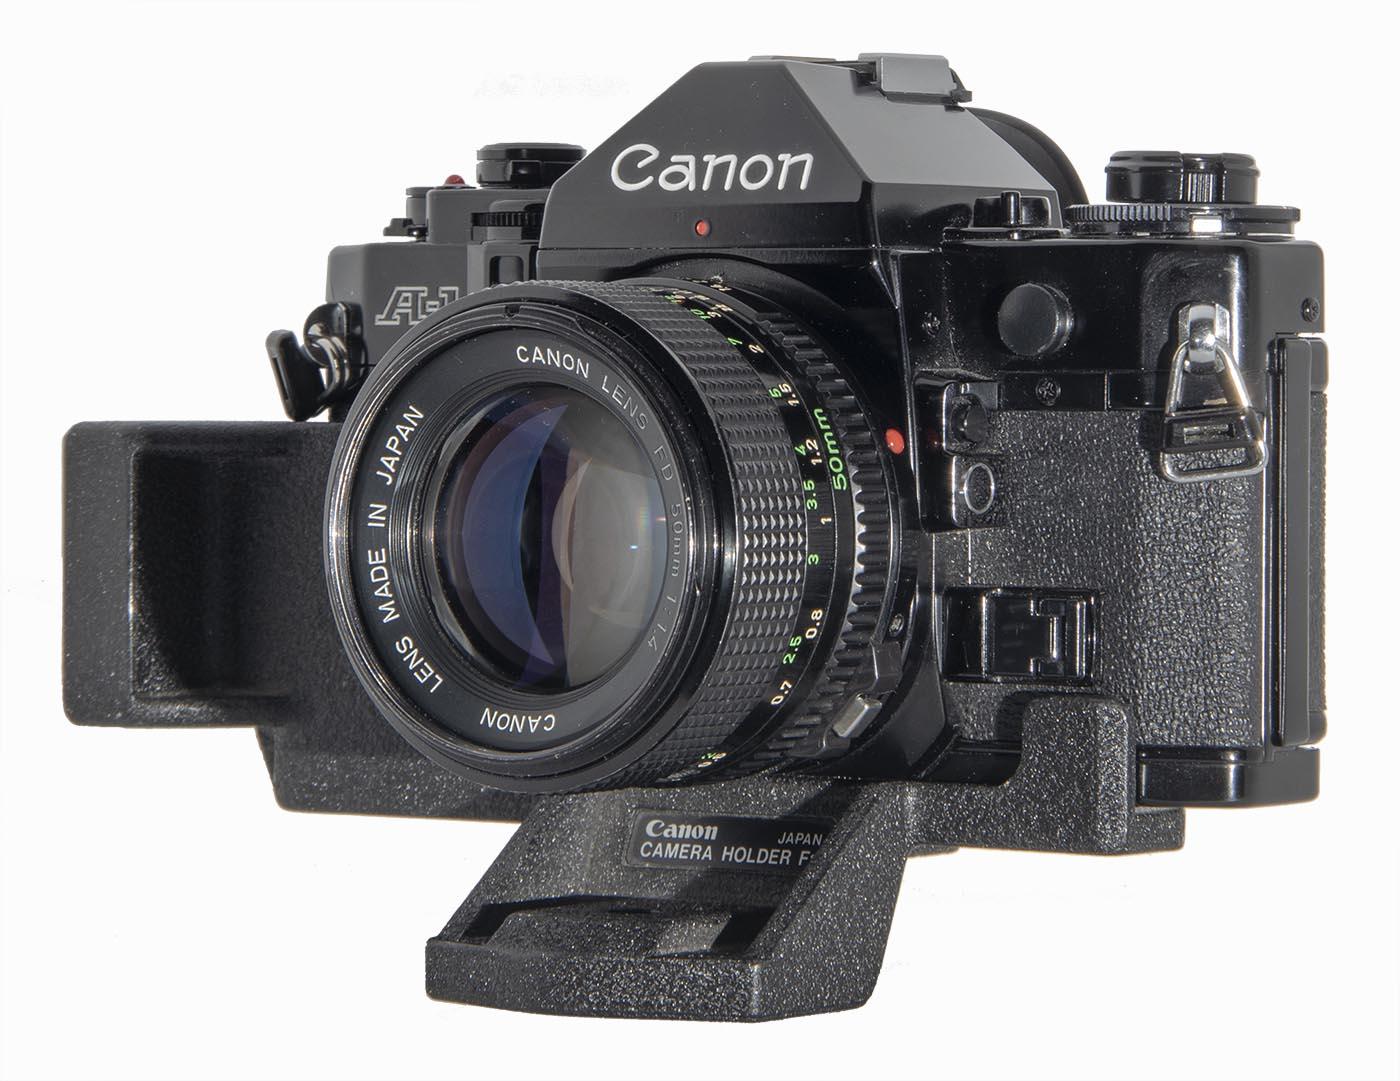 Canon Camera Holder F3